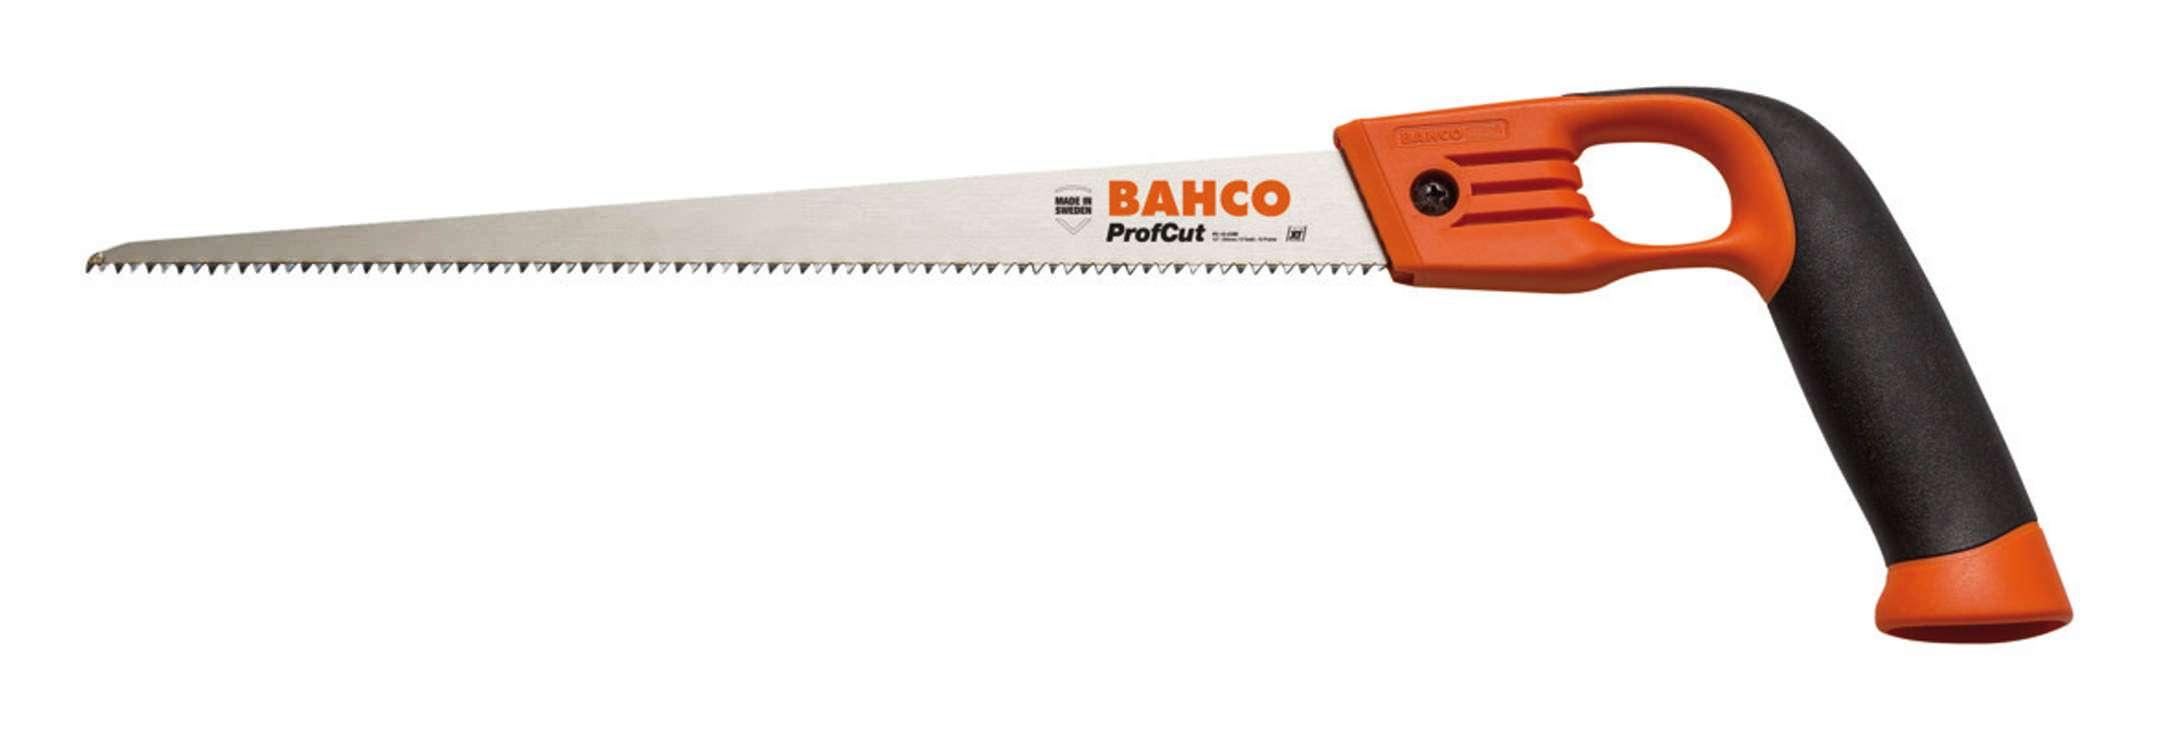 Bahco Stichsäge 300mm Profcut - PC-12-COM